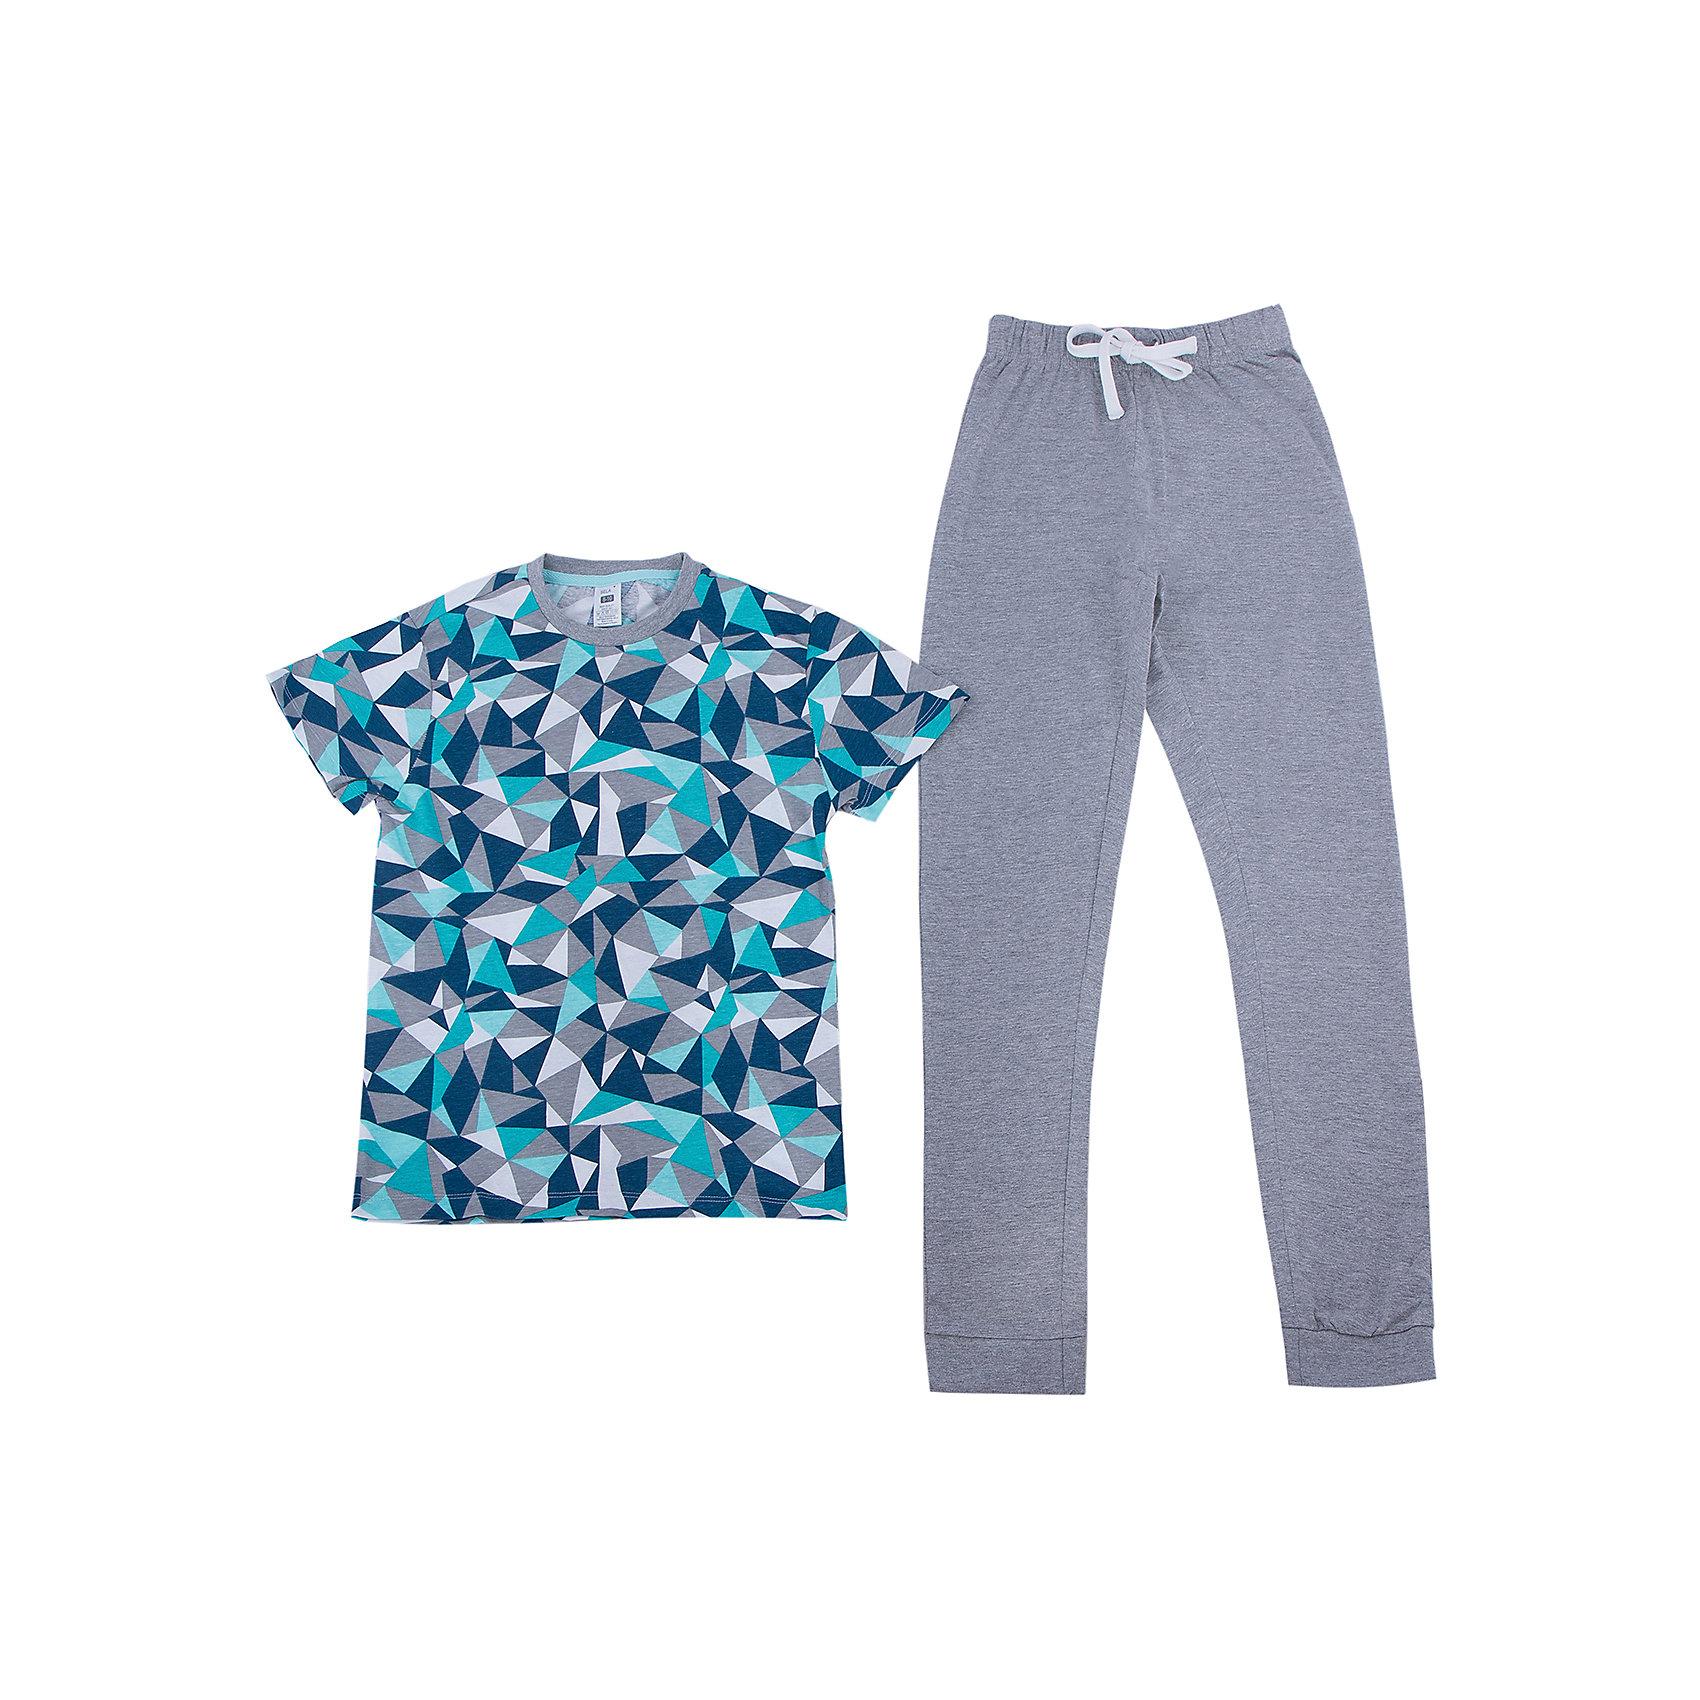 Пижама для мальчика SELAПижама для мальчика из коллекции осень-зима 2016-2017 от известного бренда SELA. Стильная хлопковая пижама с футболкой и длинными штанами позволяет коже дышать и чувствовать себя в ней комфортно. В комплект входят футболка и штаны с резинками на манжетах. На штанах имеется практичный шнурок, позволяющий контролировать эластичную резинку. <br> <br>Дополнительная информация:<br>- в комплект входят: футболка и штаны <br><br>Состав: 100% хлопок <br><br>Пижаму для мальчиков Sela можно купить в нашем интернет-магазине.<br>.<br>Подробнее:<br>• Для детей в возрасте: от 6 до 12 лет<br>• Номер товара: 4913323<br>Страна производитель: Индия<br><br>Ширина мм: 281<br>Глубина мм: 70<br>Высота мм: 188<br>Вес г: 295<br>Цвет: голубой<br>Возраст от месяцев: 24<br>Возраст до месяцев: 36<br>Пол: Мужской<br>Возраст: Детский<br>Размер: 92/98,116/122,104/110,128/134<br>SKU: 4913322